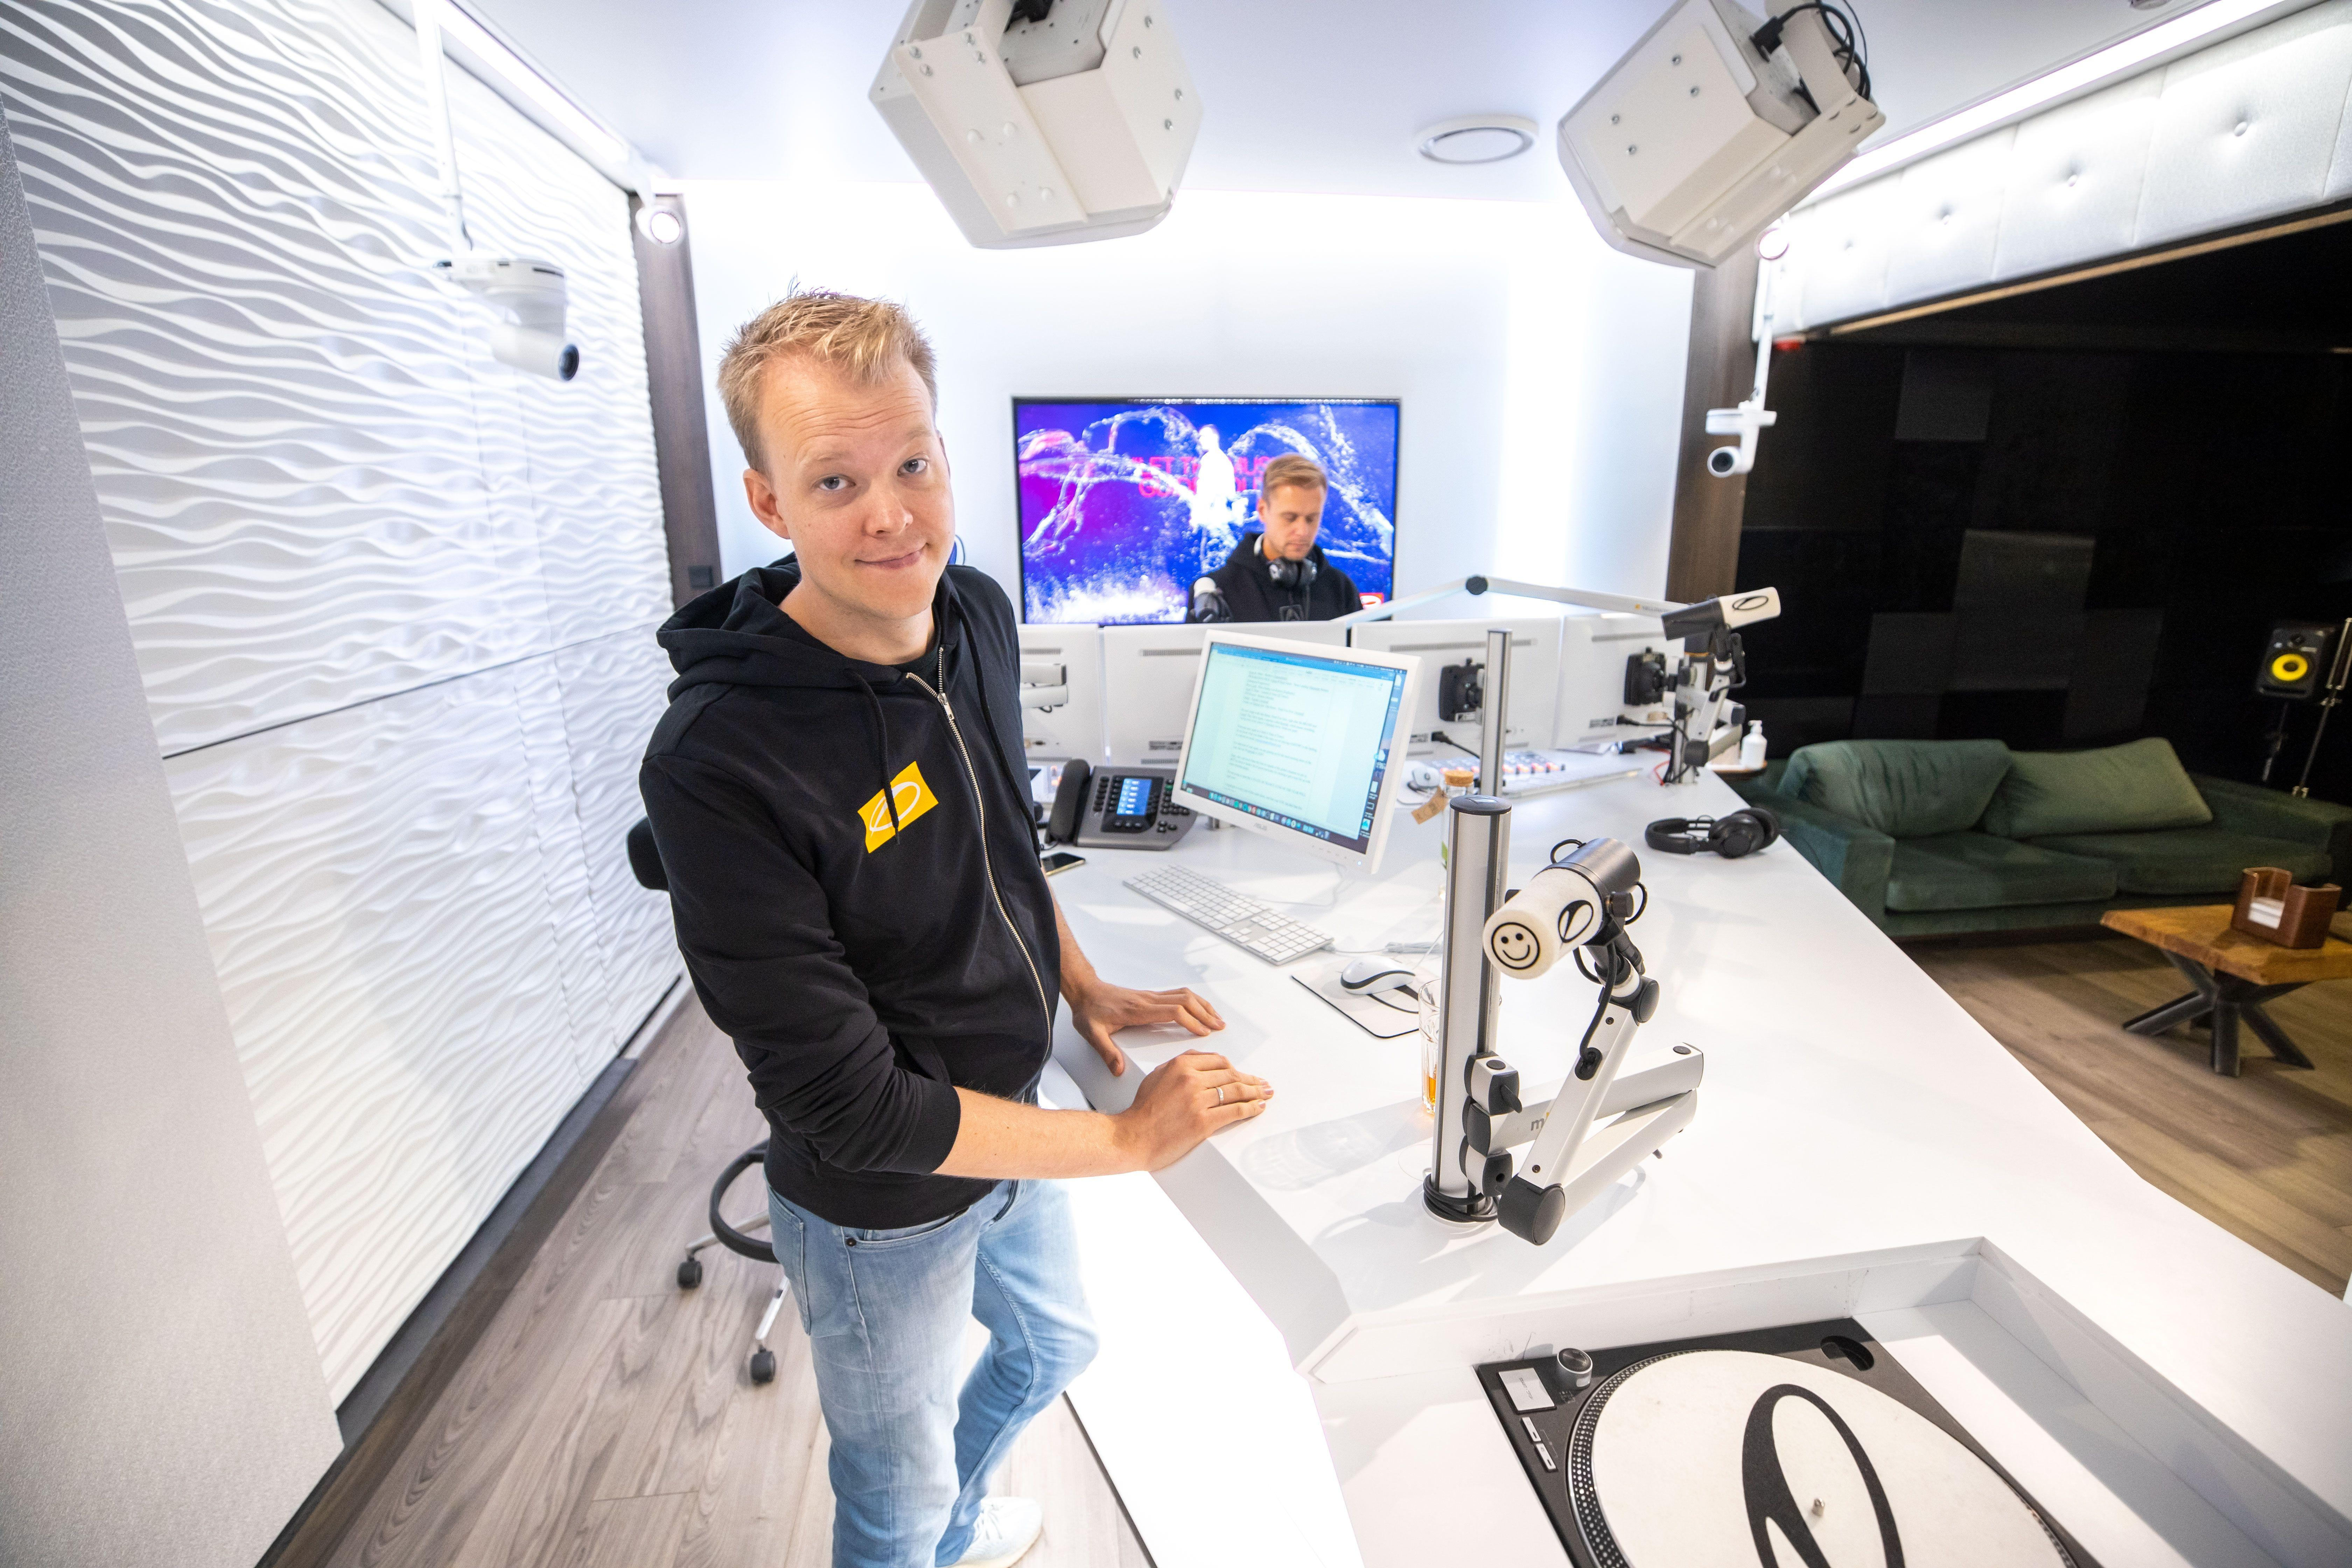 Haarlemse dj Ruben de Ronde presenteert aflevering 1000 van radioshow met Armin van Buuren voor miljoenenpubliek: 'Ik hoor dat het veel fans juist nu een soort houvast biedt' [video]